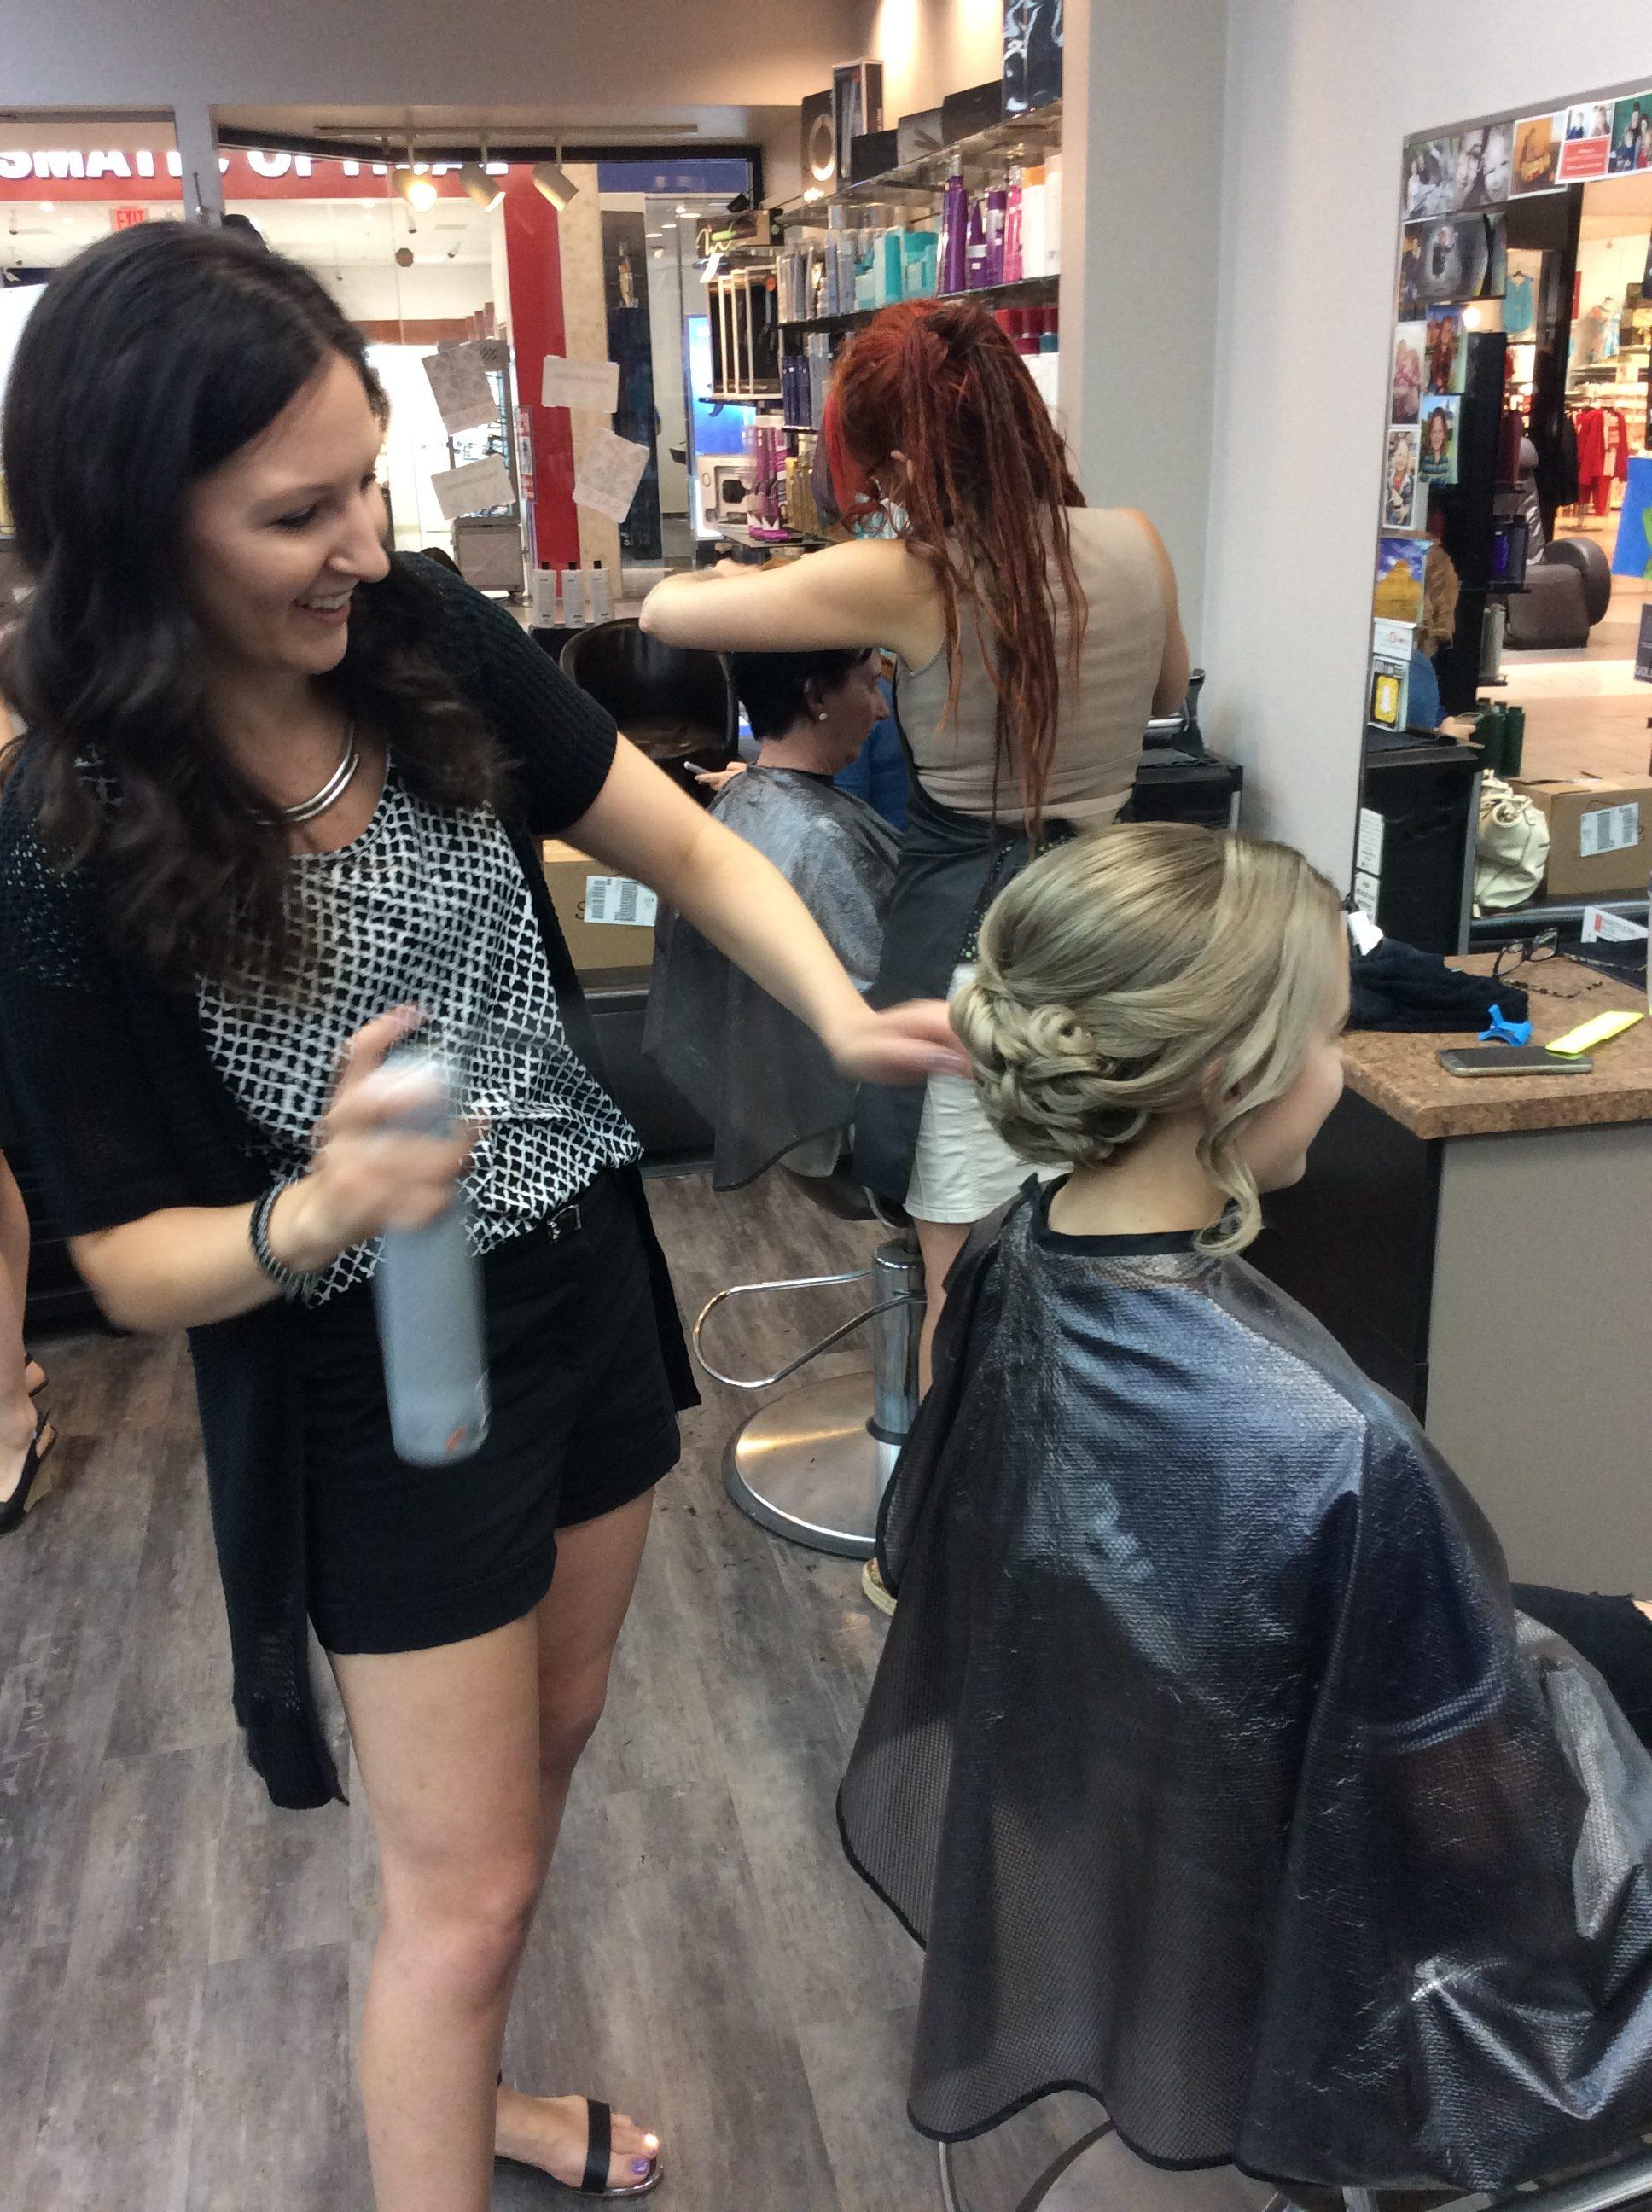 Hairstyle inn stylist applying hair spray to a female customer's hair-do